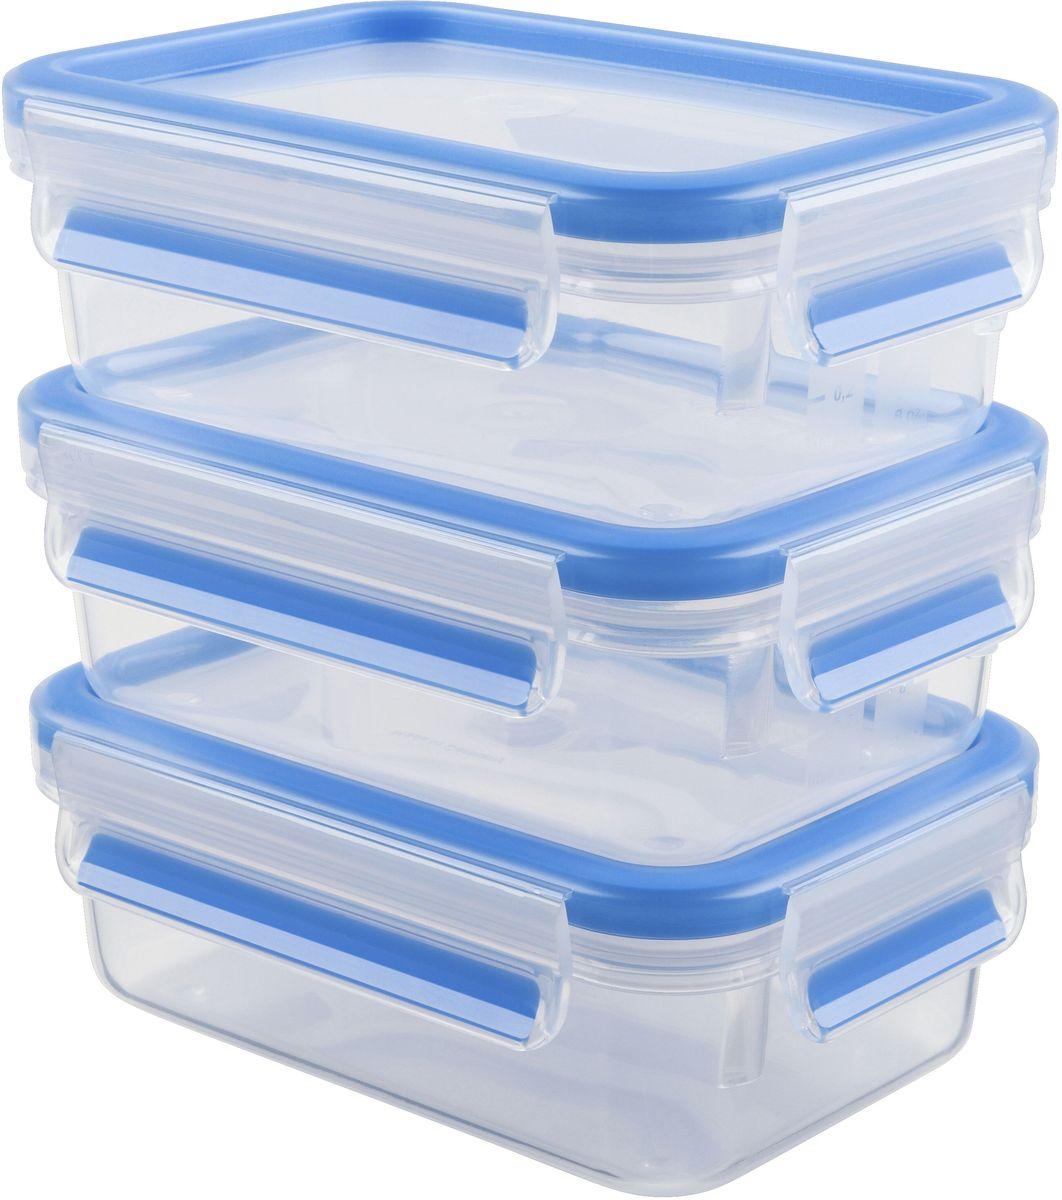 Набор контейнеров Emsa Clip&Close, цвет: голубой, прозрачный, 3 предмета, 550 мл emsa clip